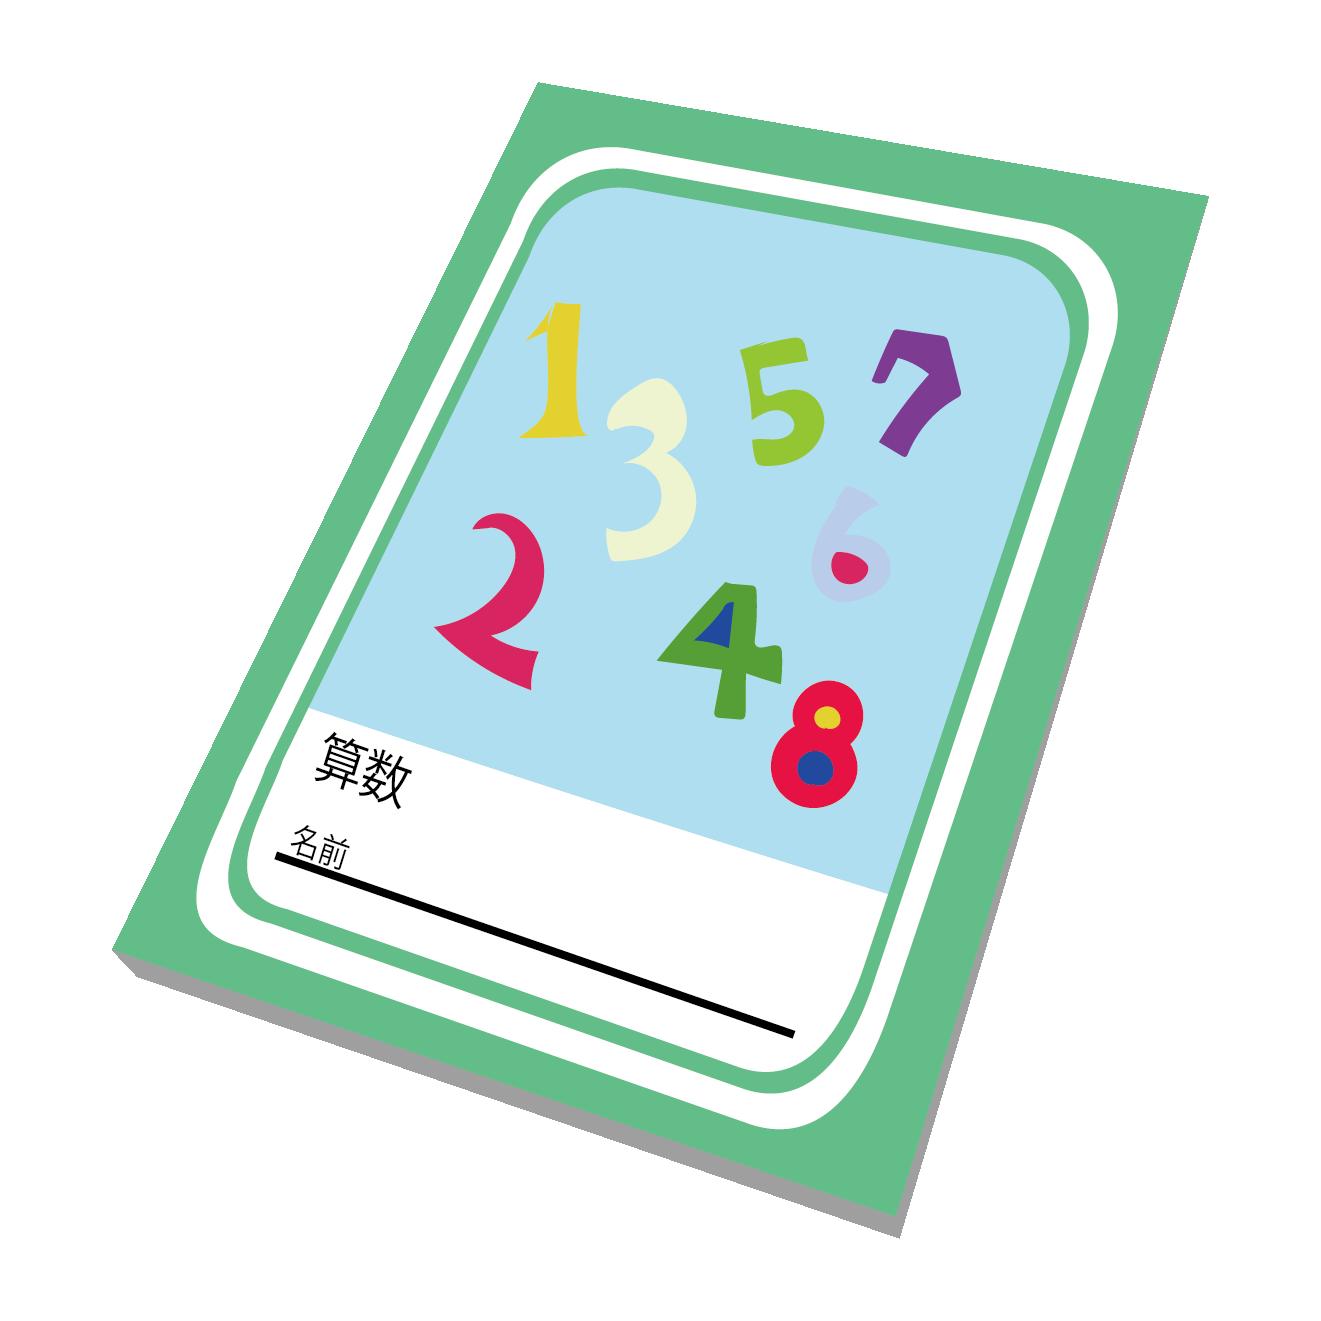 算数高学年用のノート学習帳のイラスト 商用フリー無料の